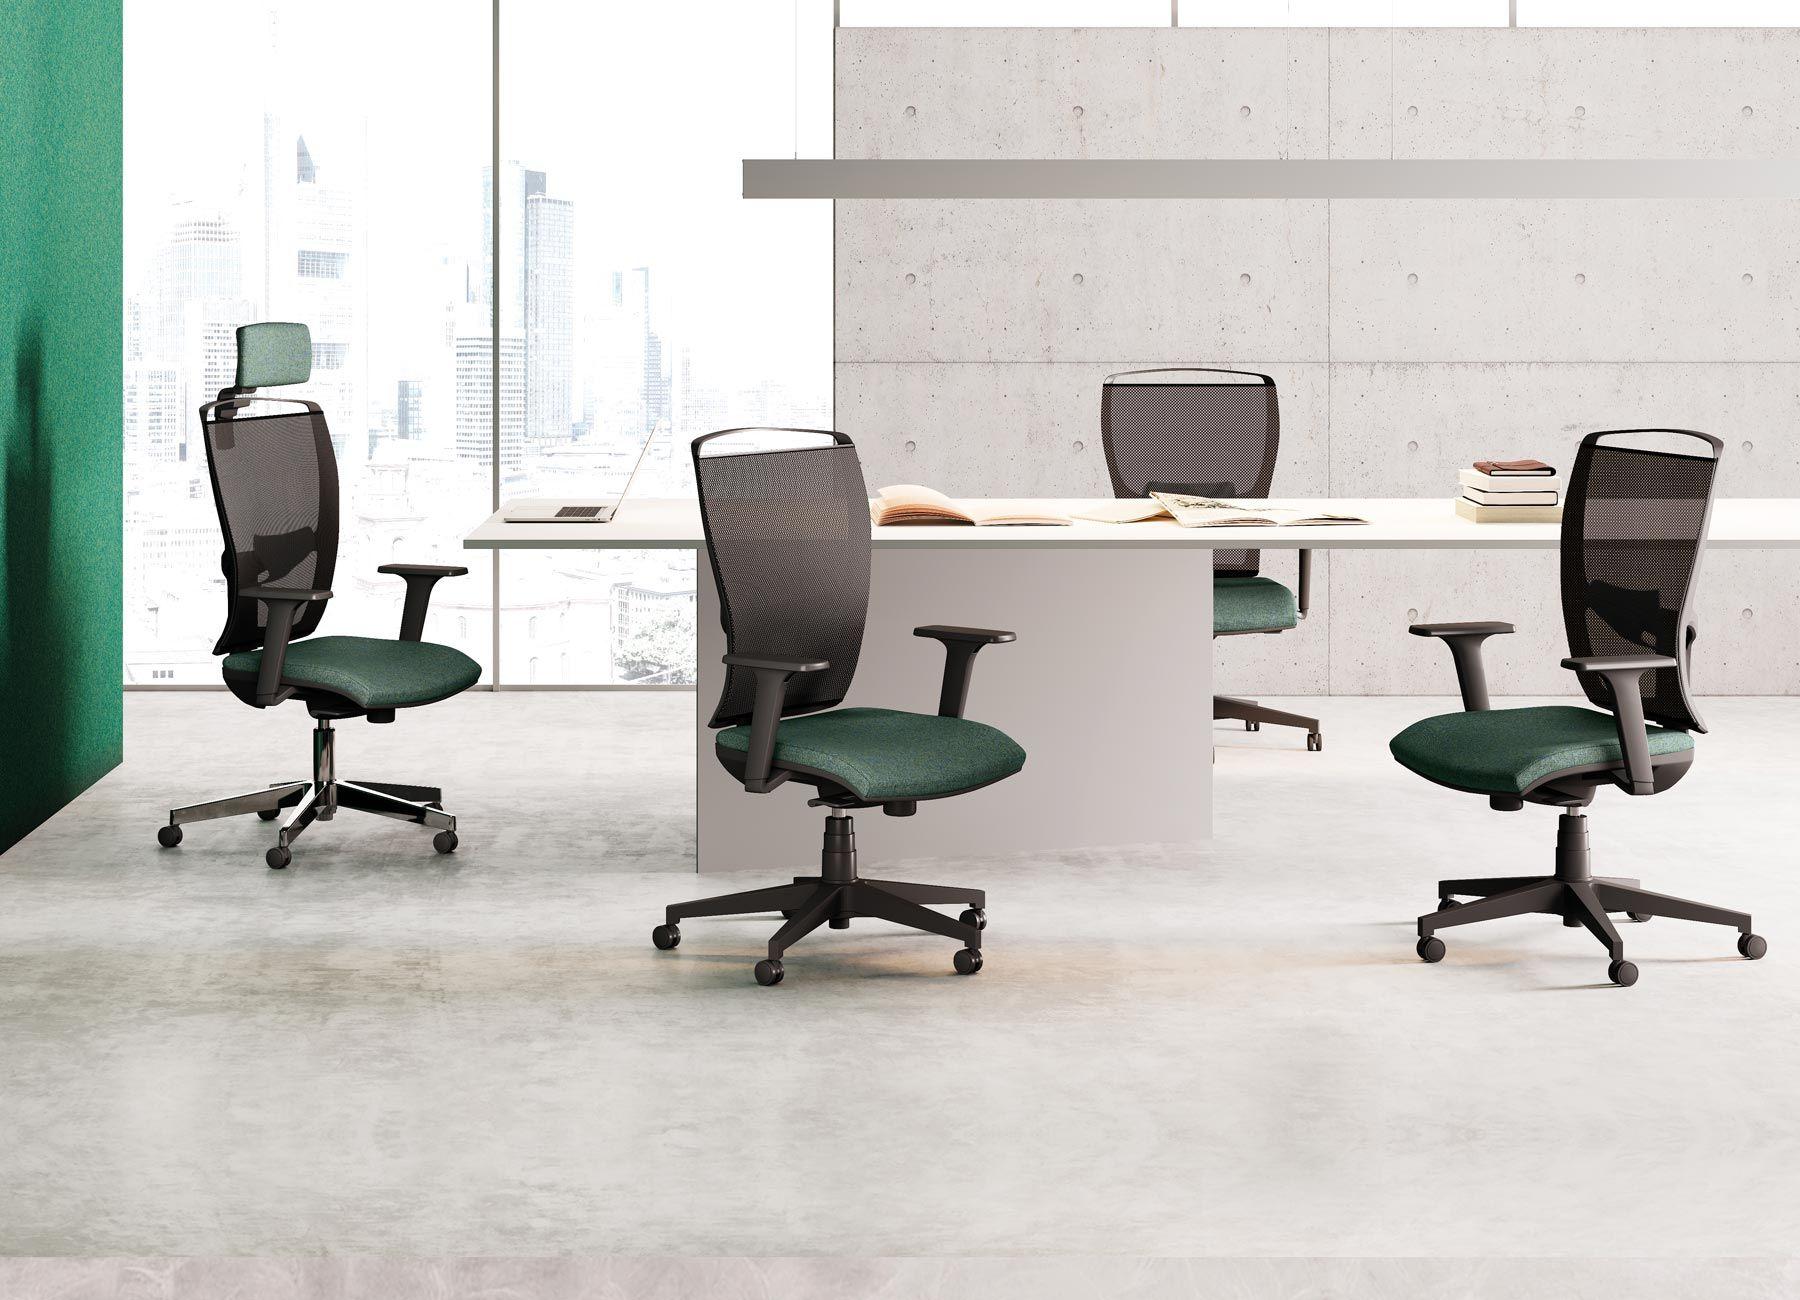 Sedie operative ufficio dal prezzo basso a modelli top for Sedie ufficio roma